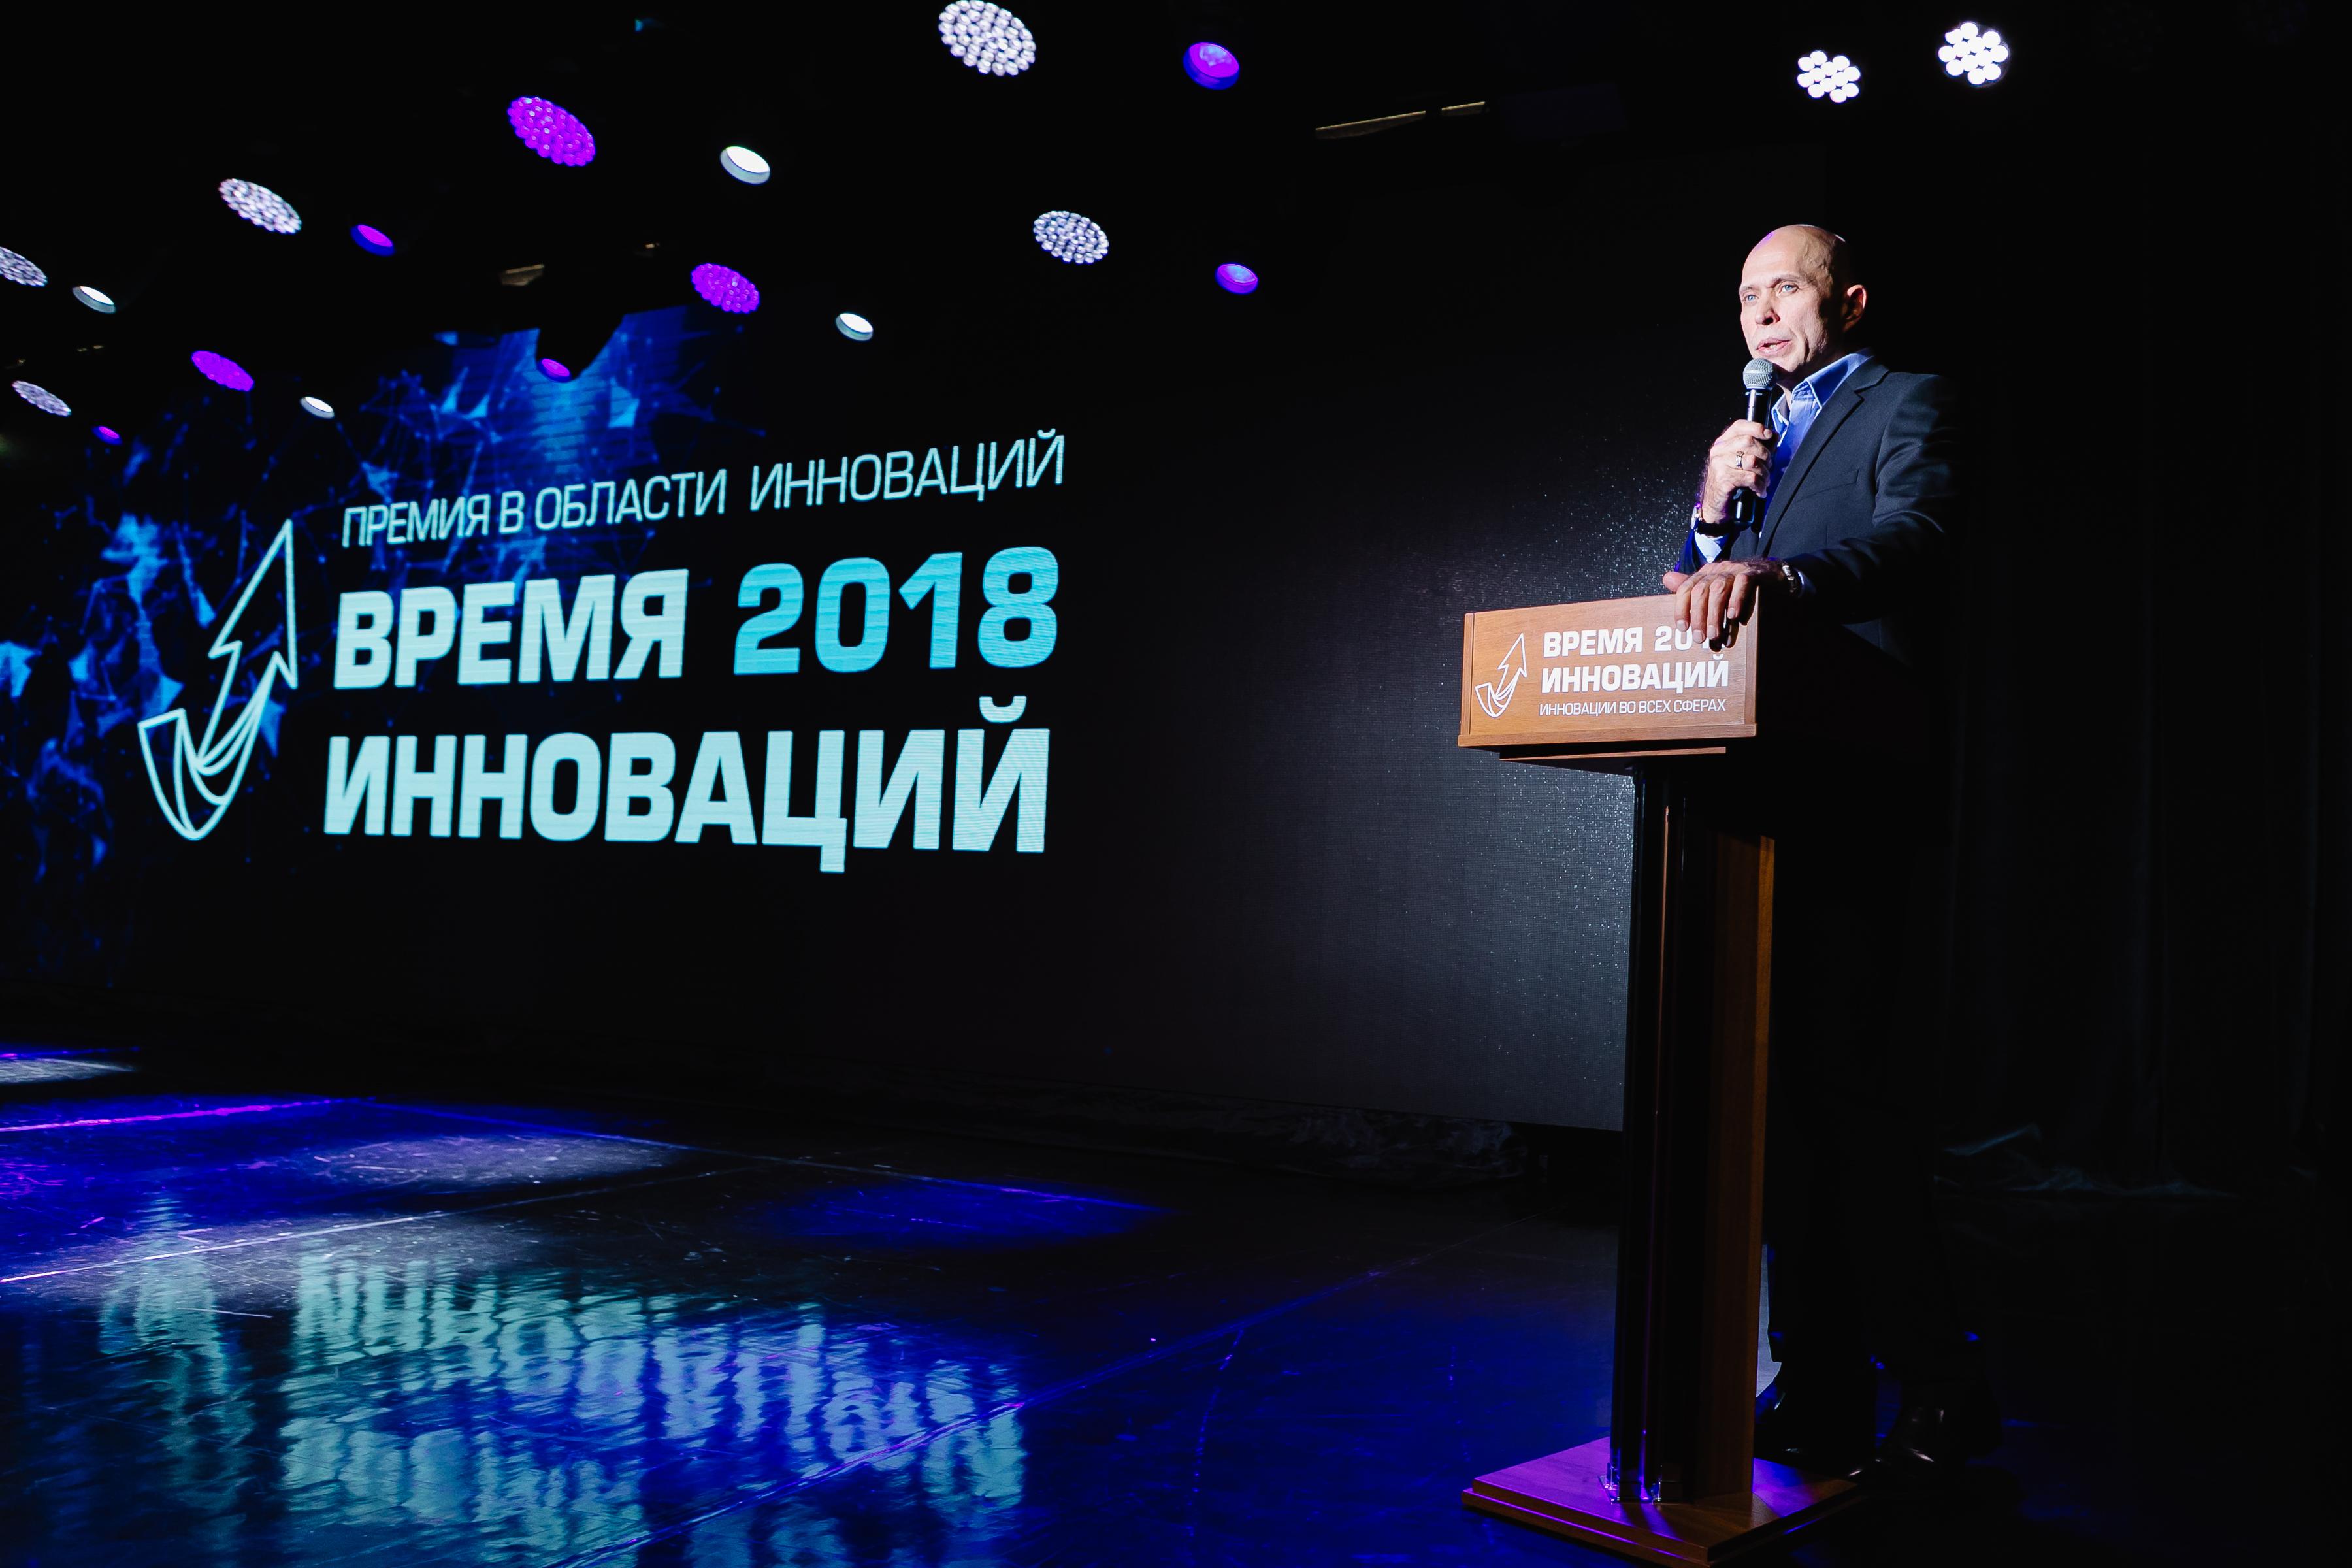 Лучшие инновации России представят в Баку. Продолжается прием заявок на участие в Девятой Премии «Время инноваций – 2019»